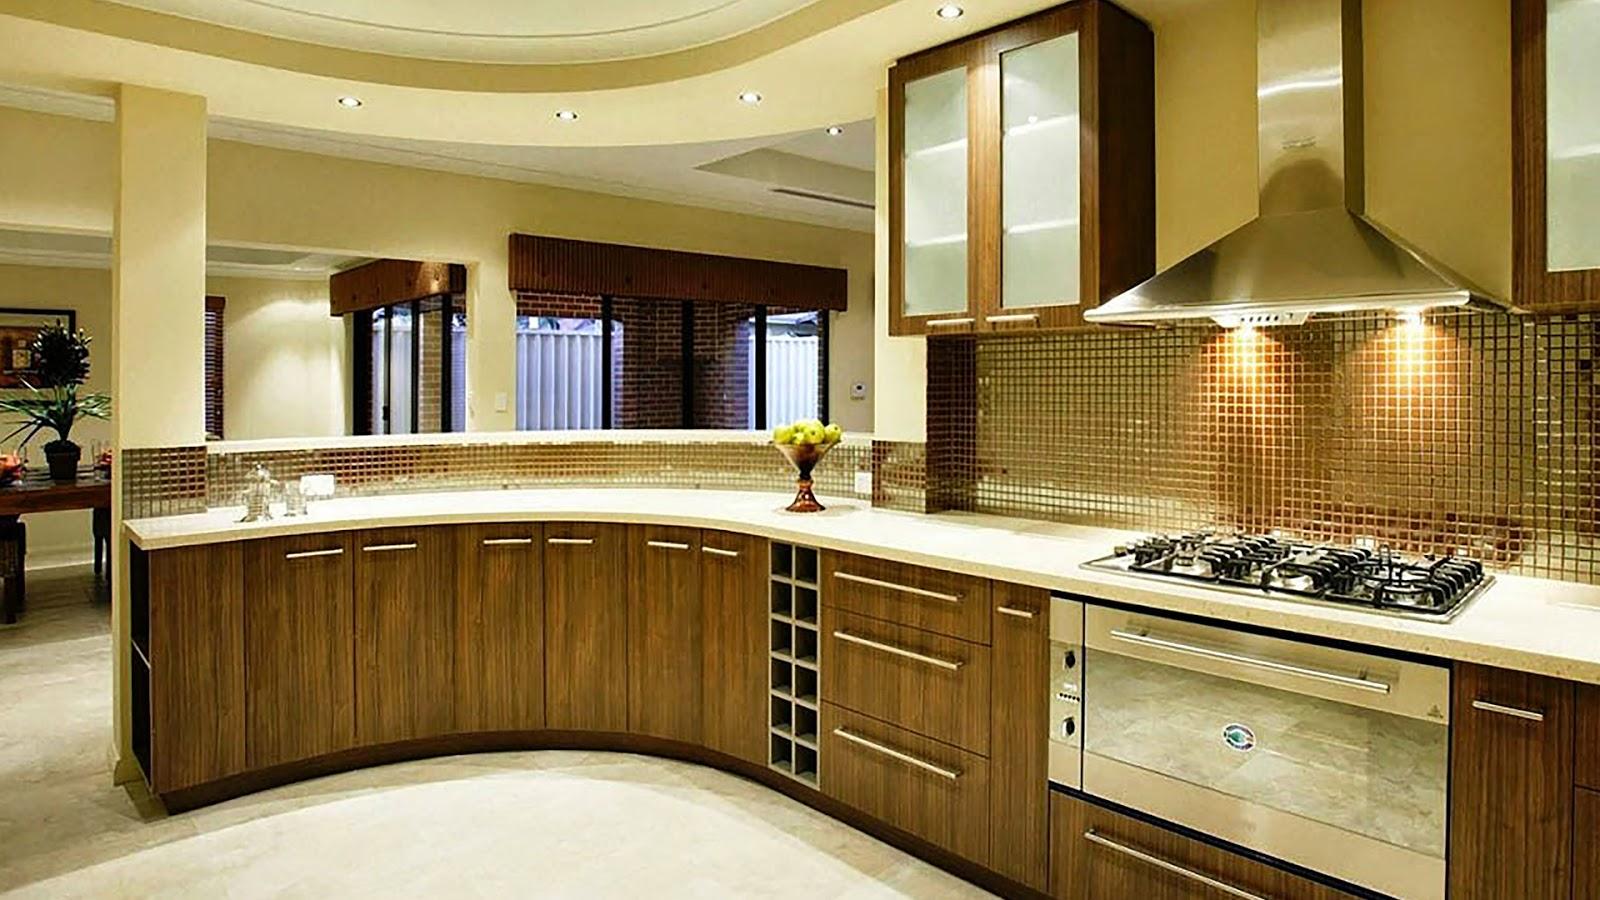 Küche American Style – Wohn-design